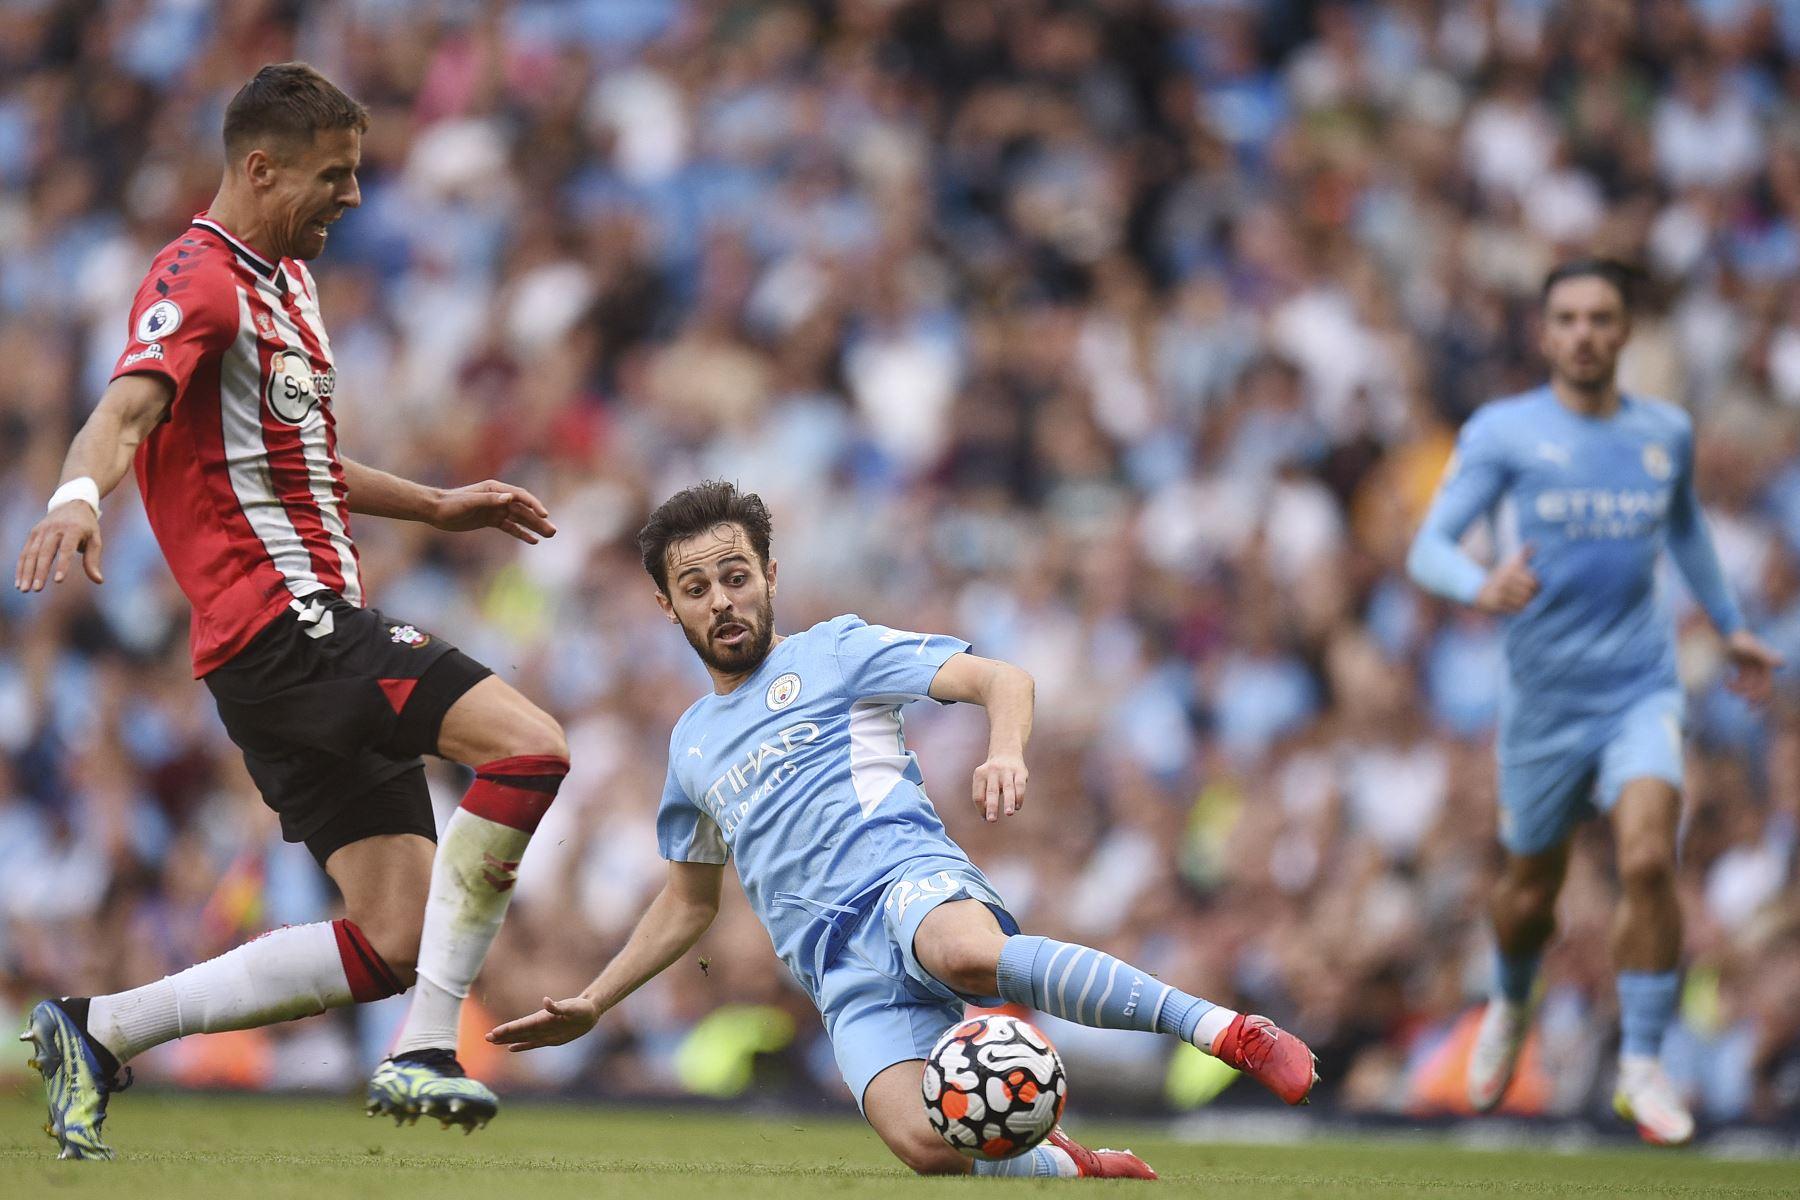 El defensor polaco del Southampton Jan Bednarek compite por el balón con el centrocampista portugués del Manchester City Bernardo Silva durante el partido de la Premier League. Foto: AFP